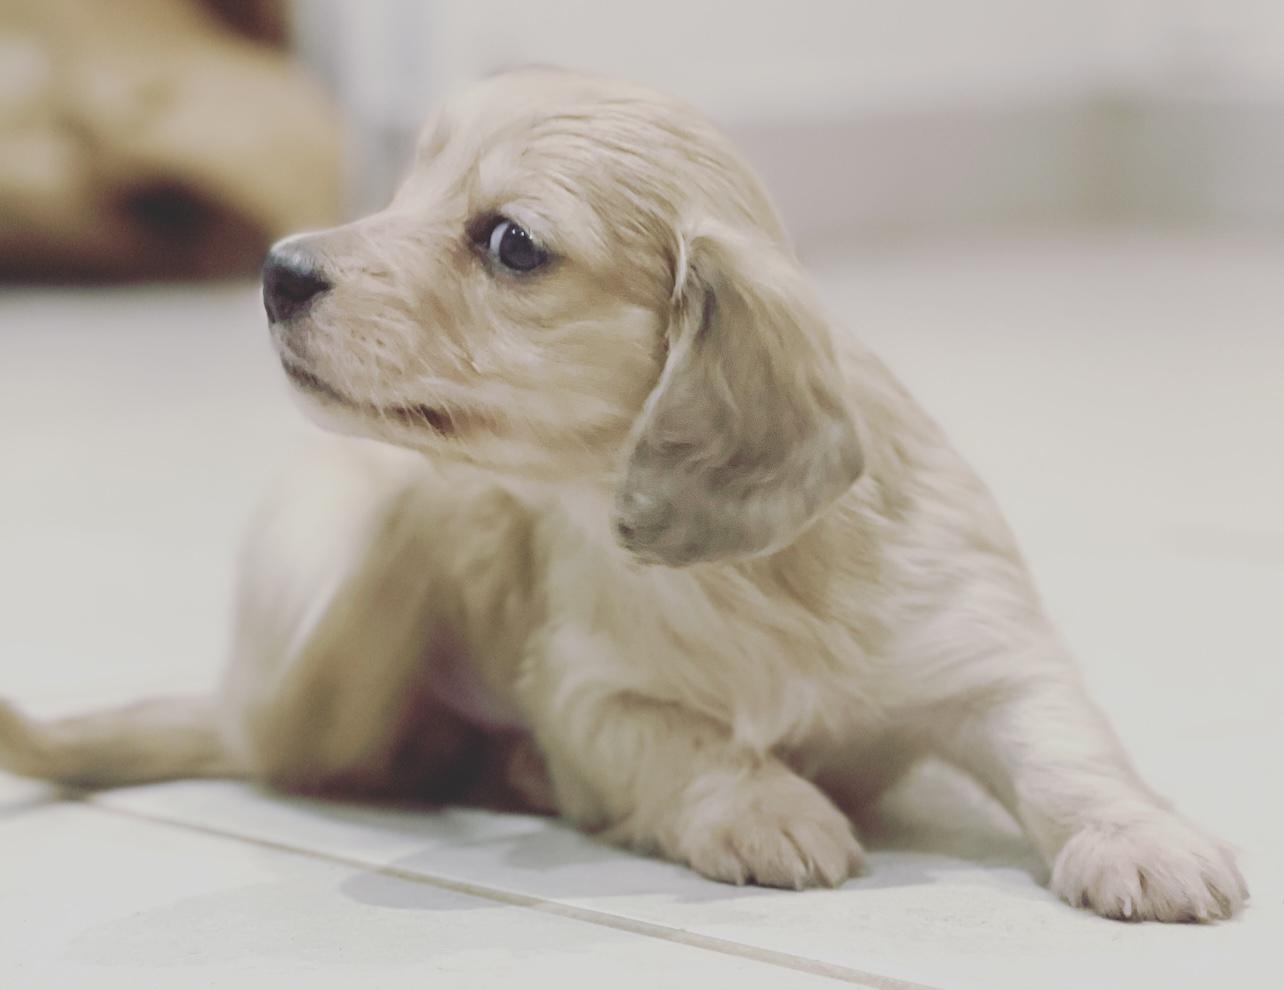 Cream puppies